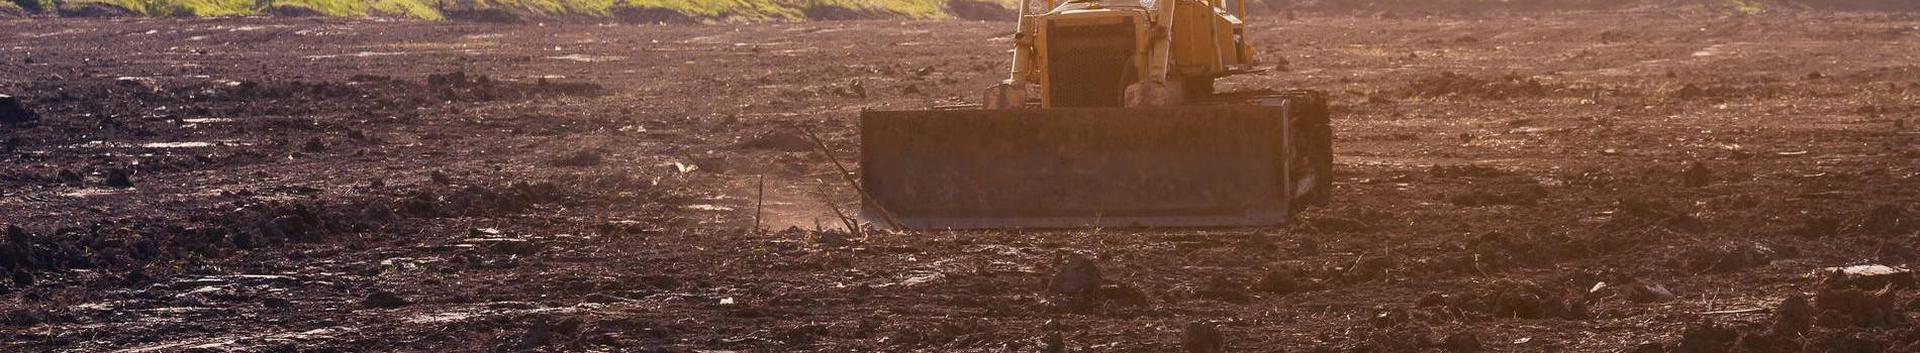 kaeve- ja pinnasetööd, pinnasetööd, pinnasemasinad, Juhiga veoautode rent